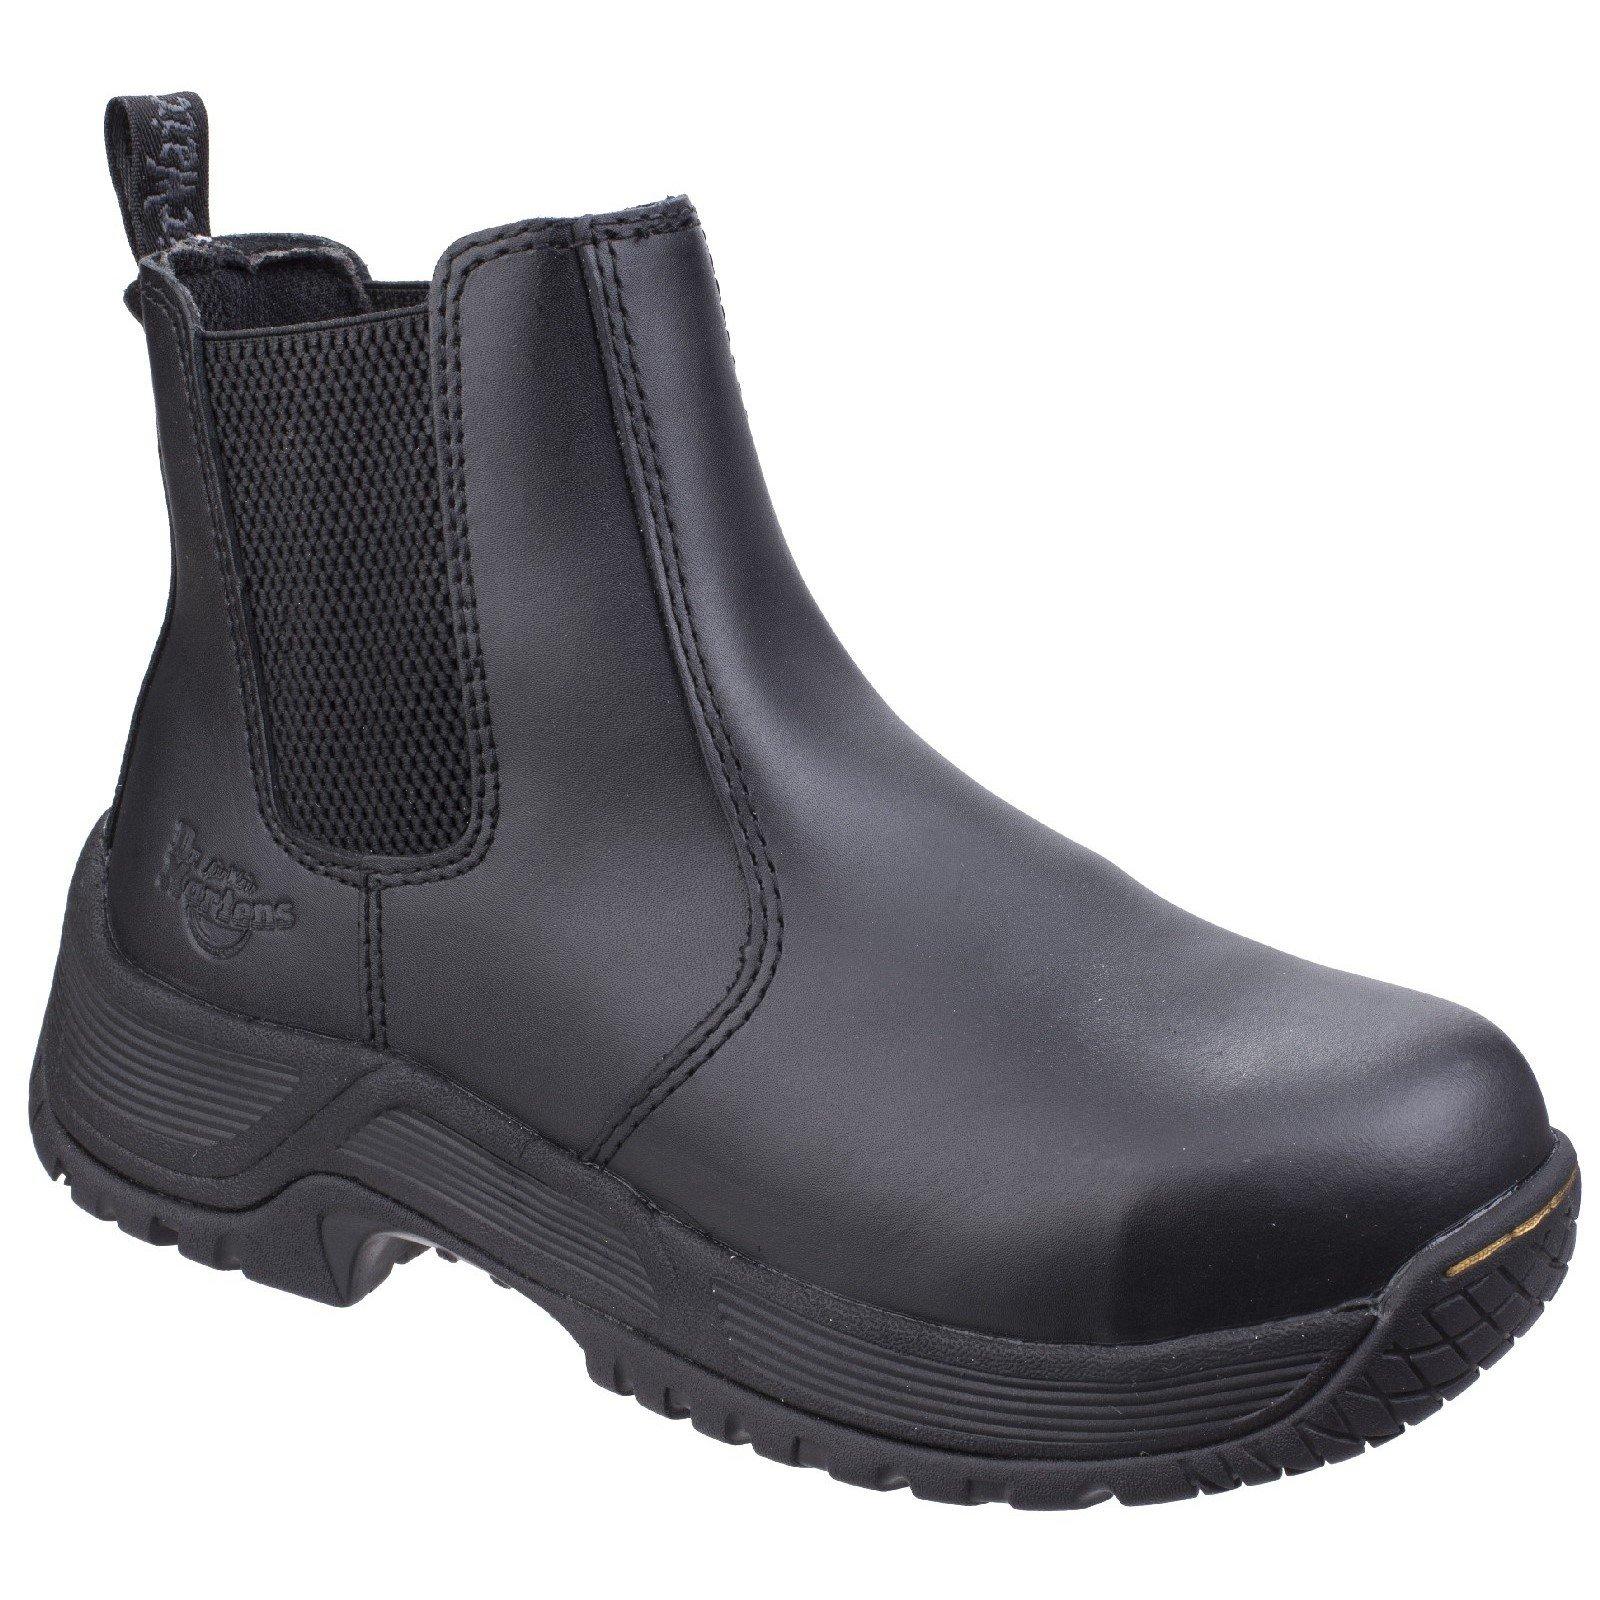 Dr Martens Men's Drakelow Safety Boot Black 26021 - Black 5